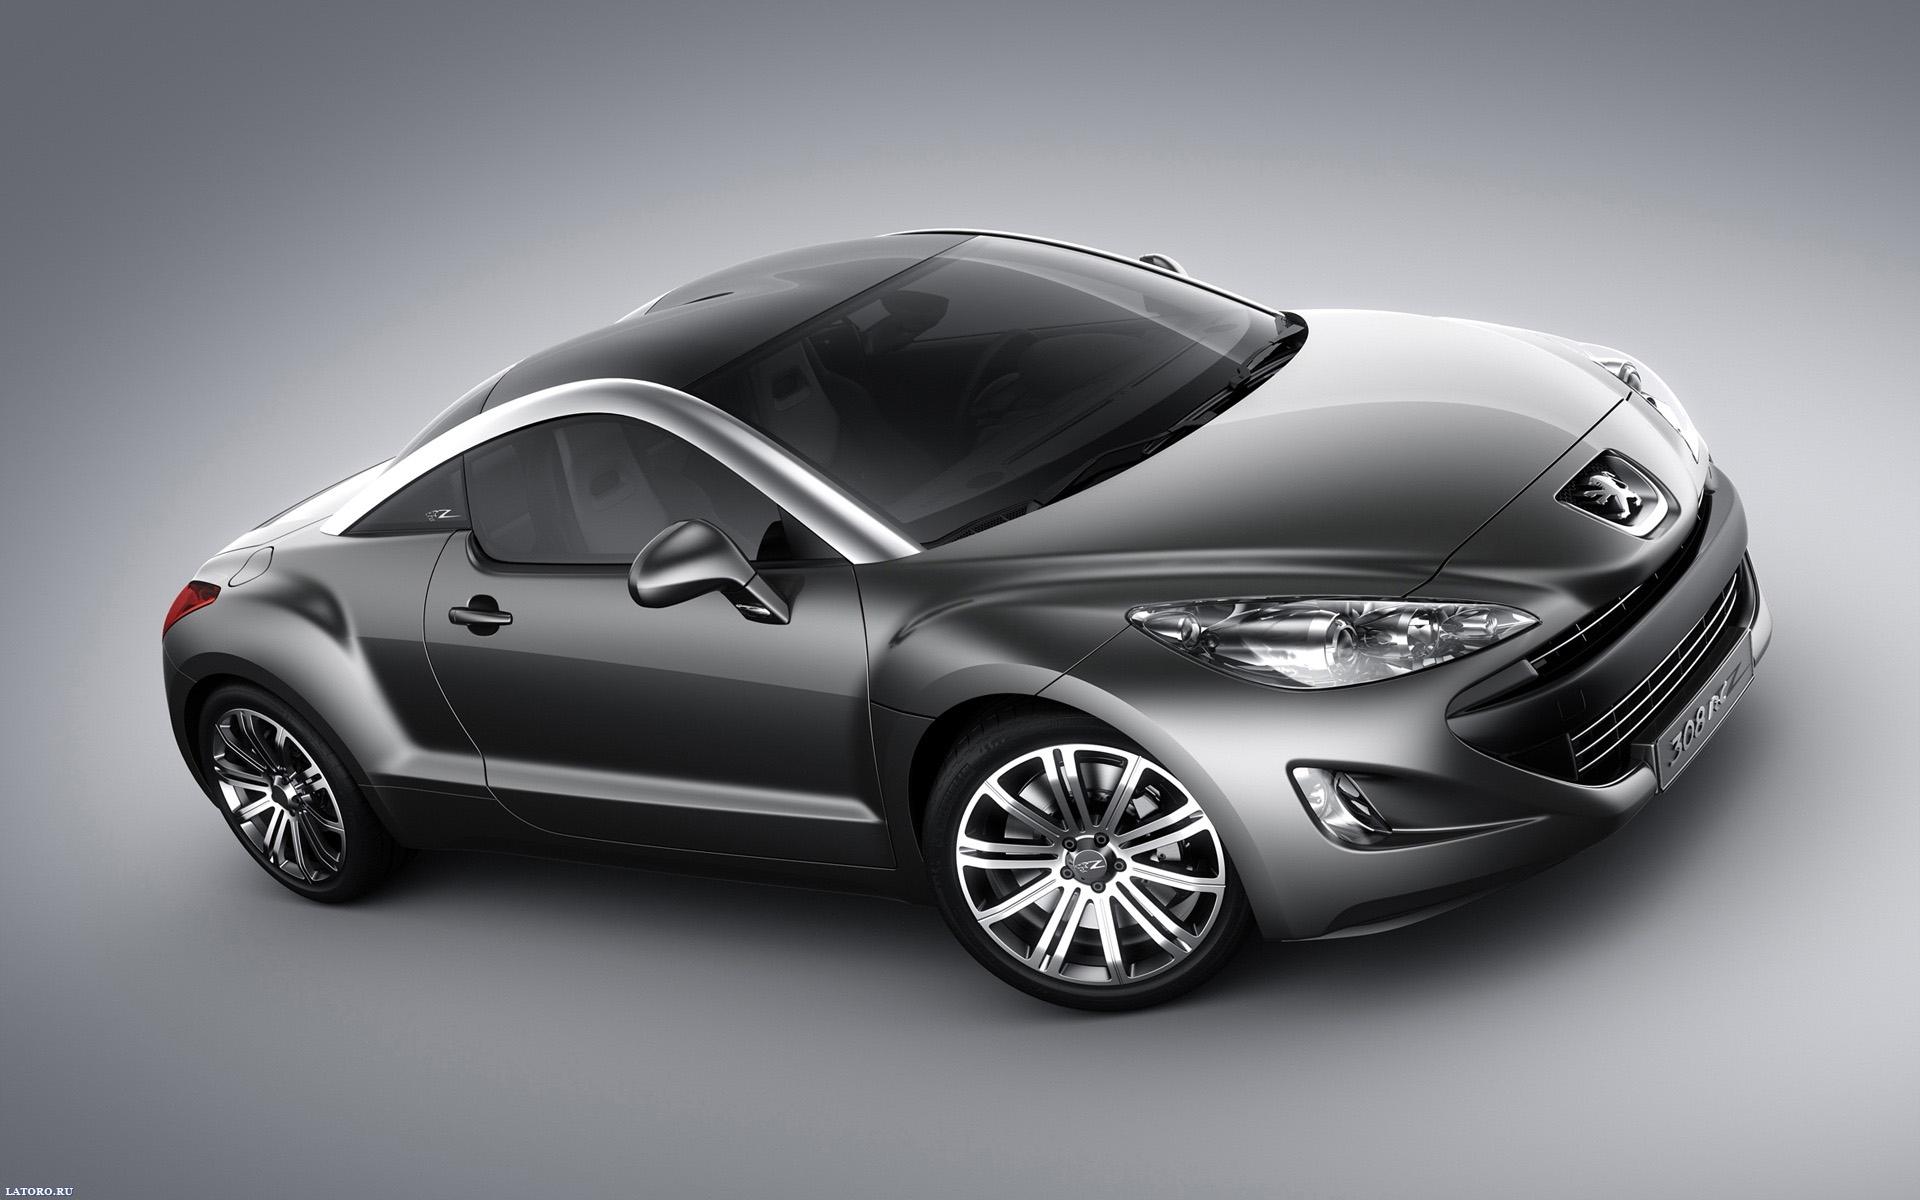 1483 скачать обои Транспорт, Машины, Арт, Пежо (Peugeot) - заставки и картинки бесплатно